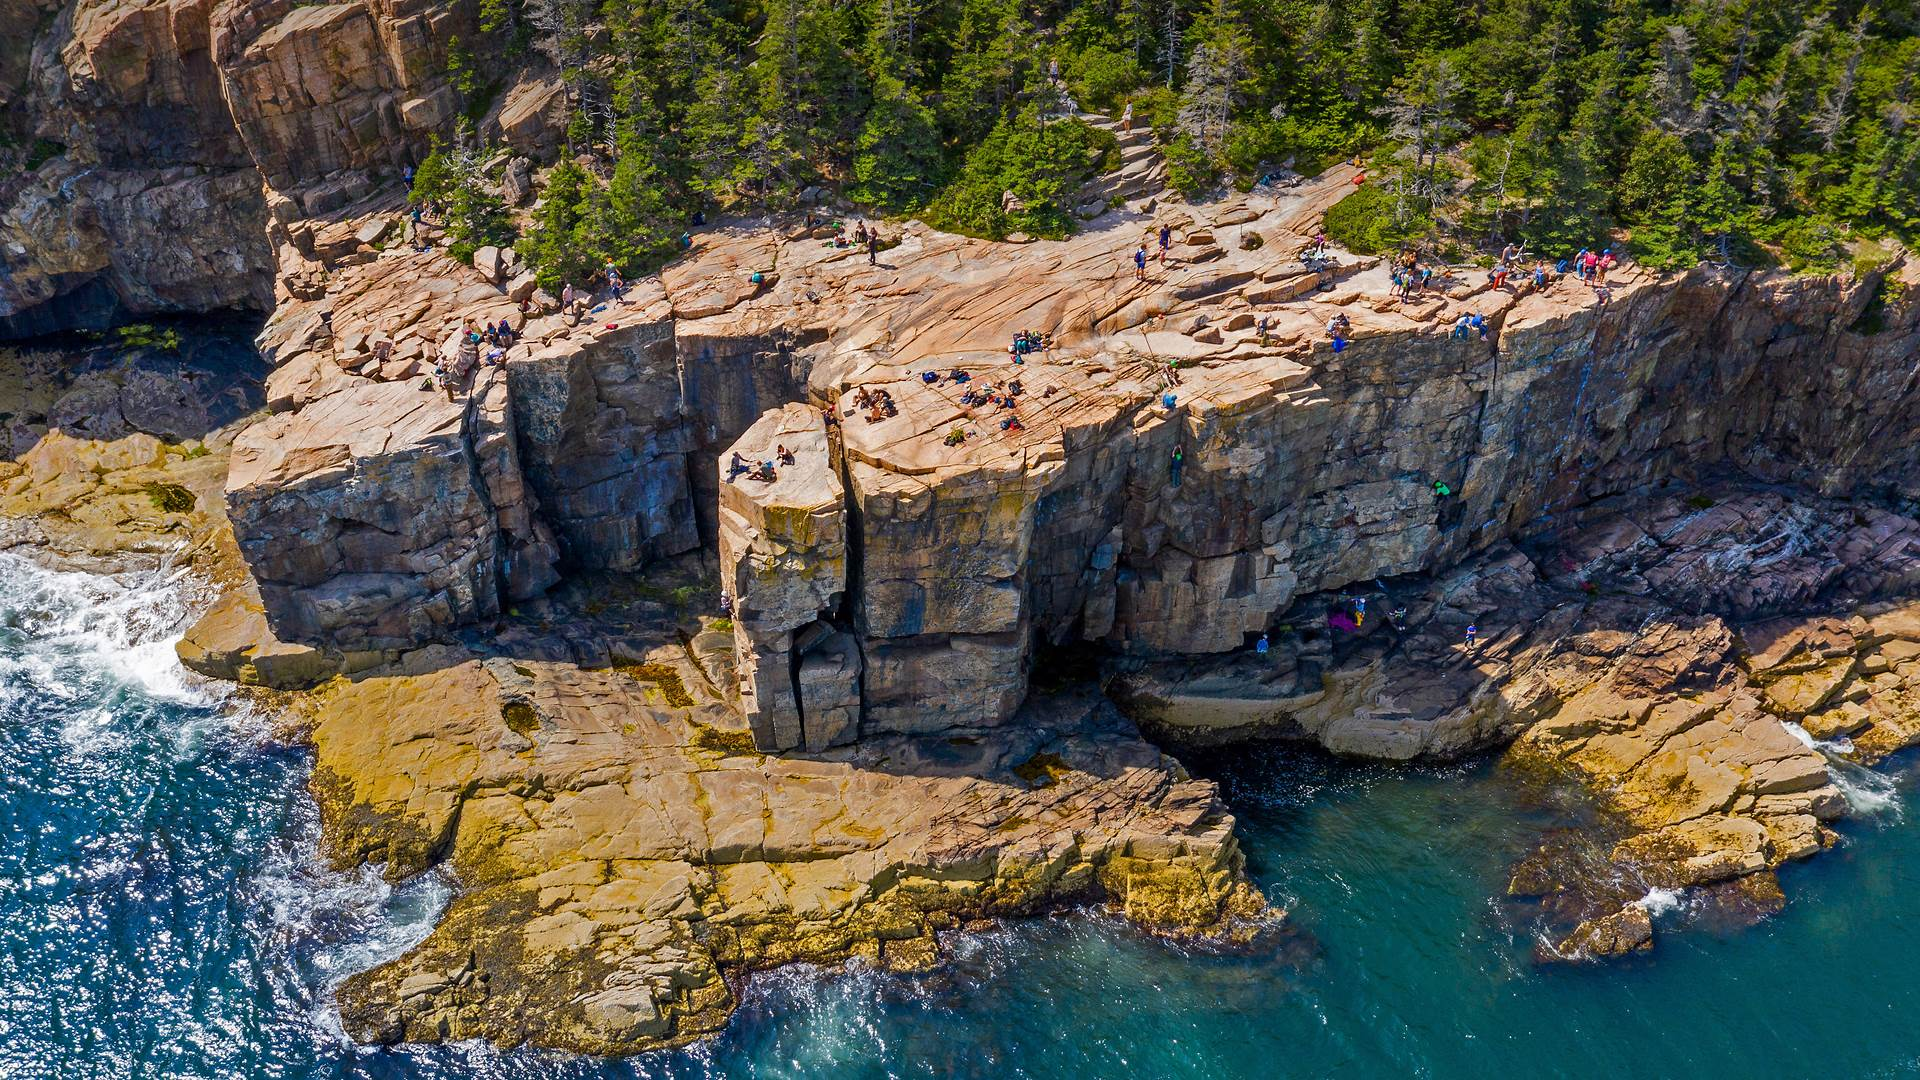 阿卡迪亚国家公园里的水獭悬崖,缅因州